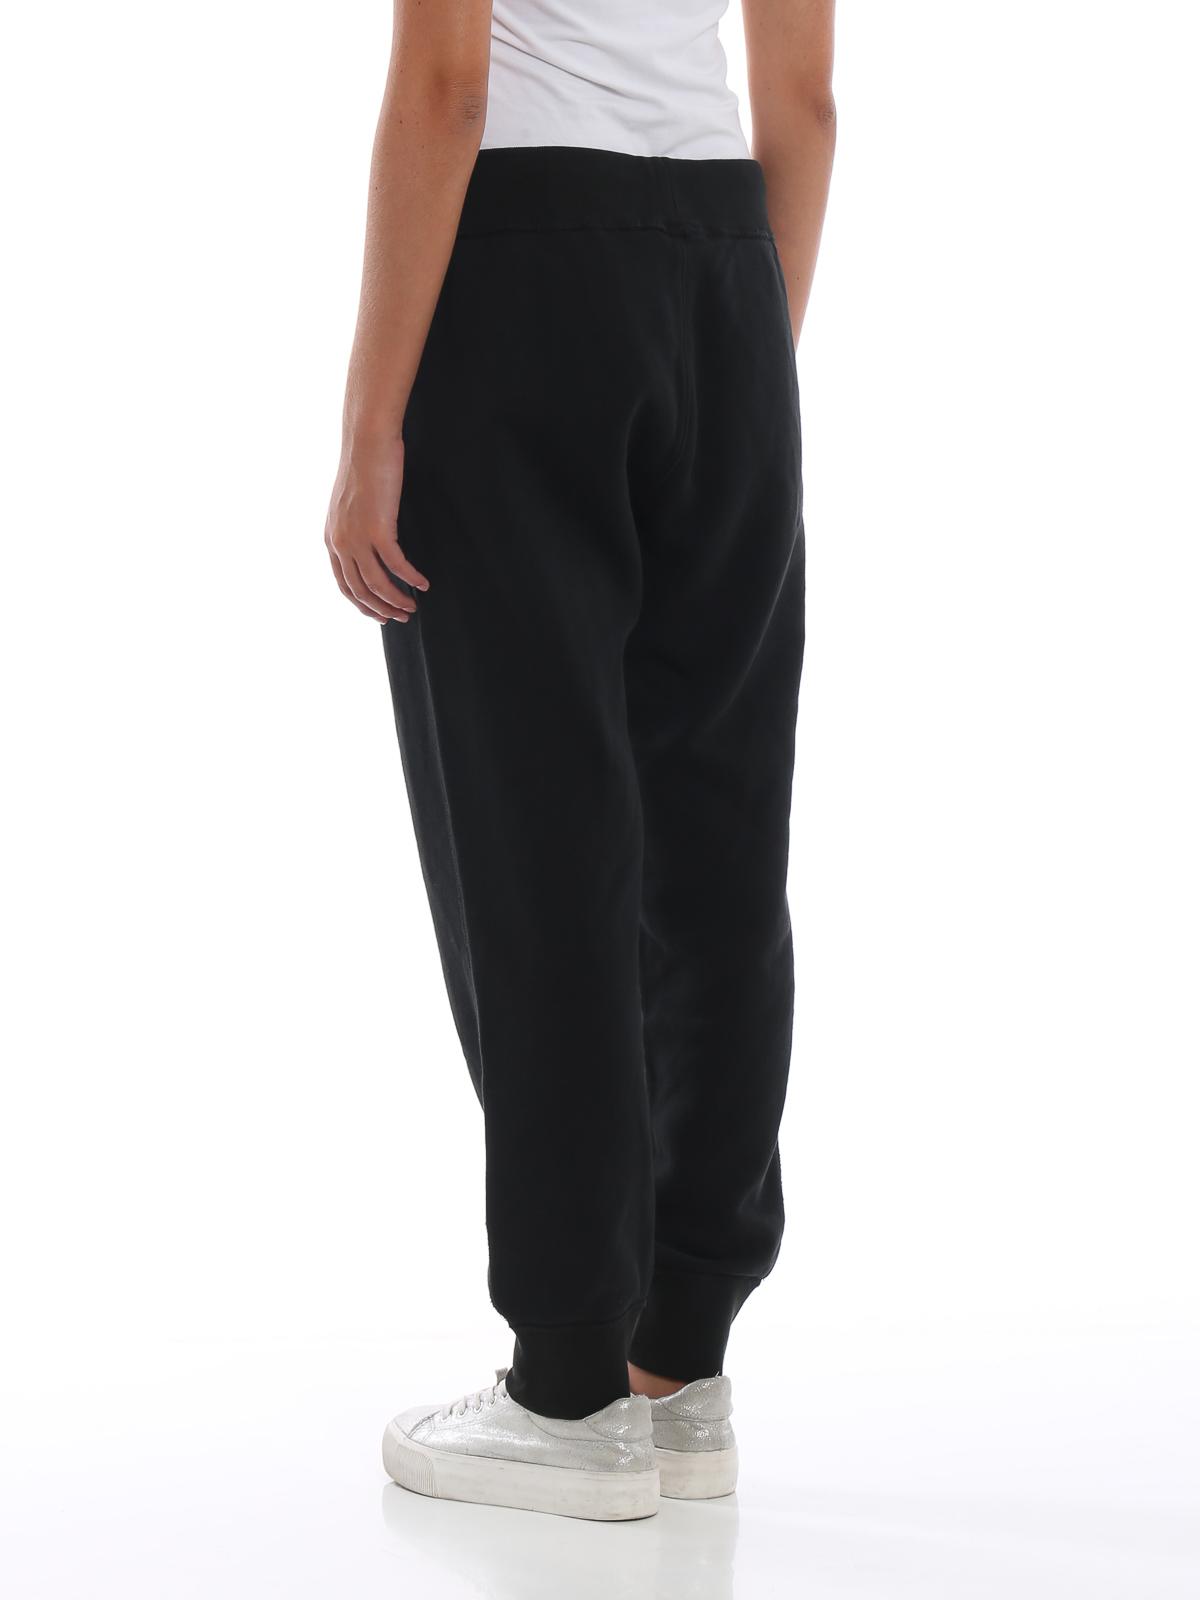 46b32466e16 Black cotton fleece tracksuit bottoms shop online  POLO RALPH LAUREN